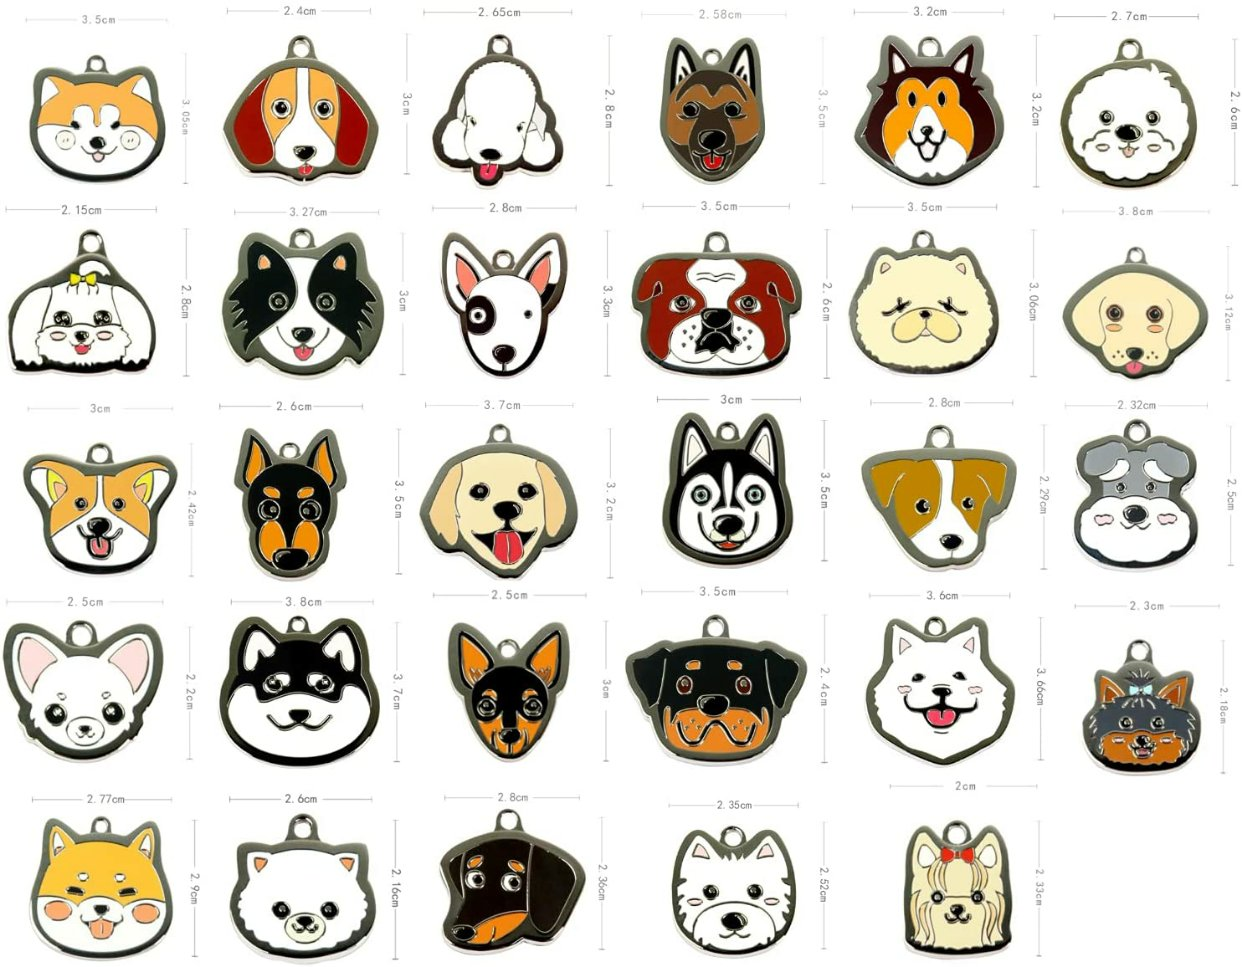 不同品种的狗牌